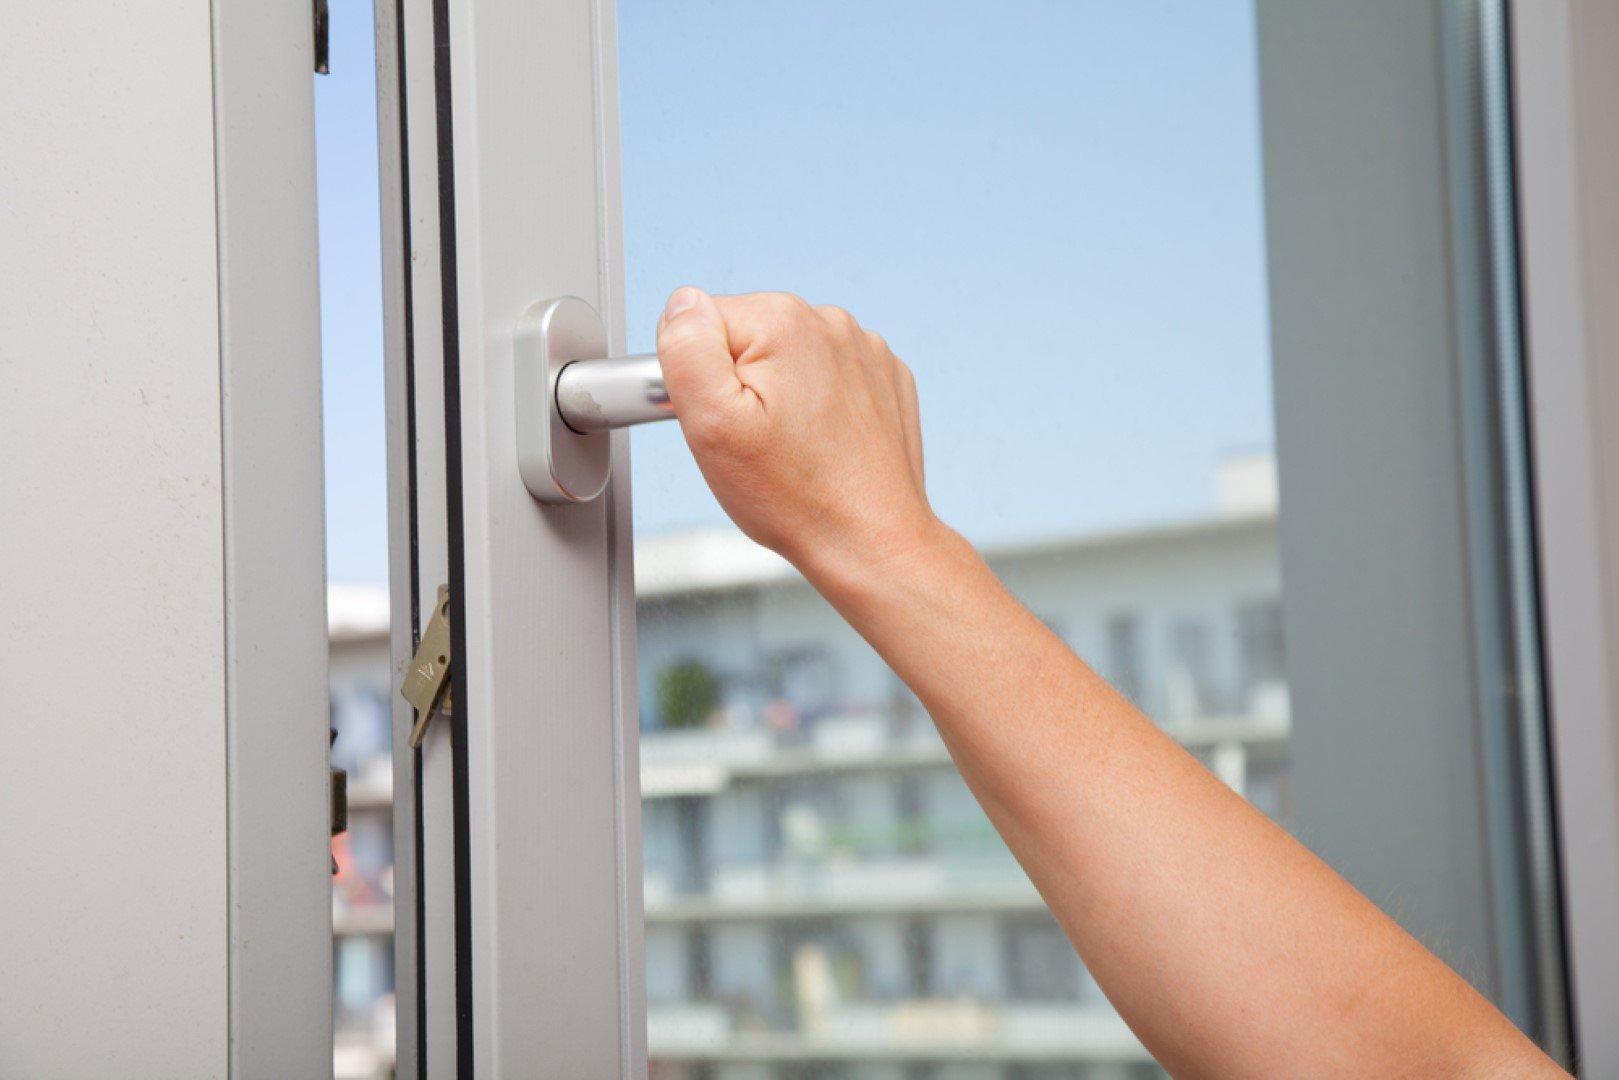 Donna stringe la maniglia di una finestra